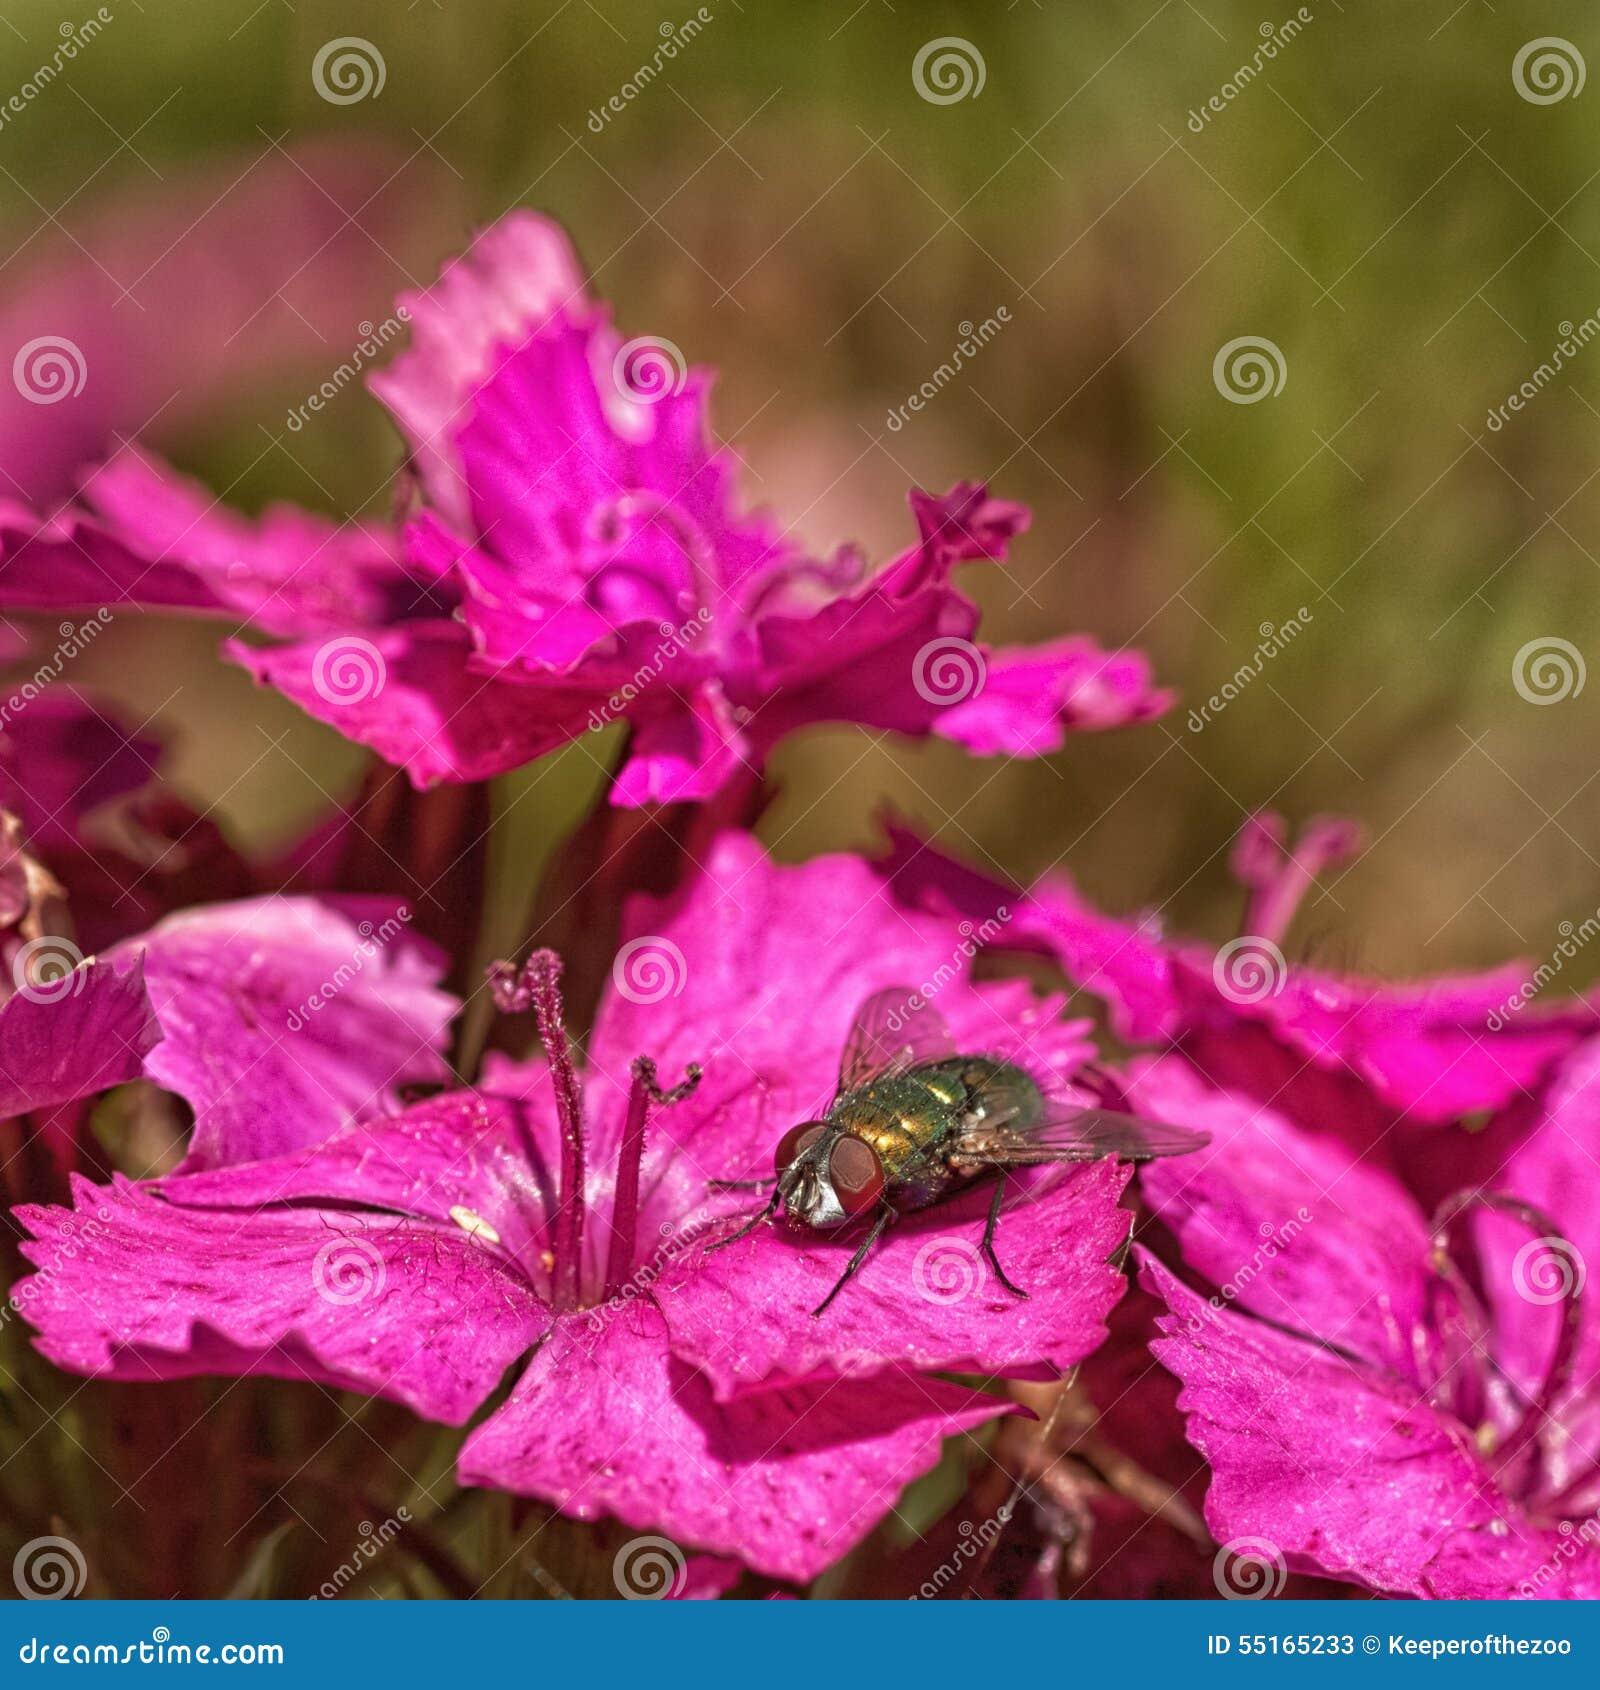 Green Bottle on Pink Flowers